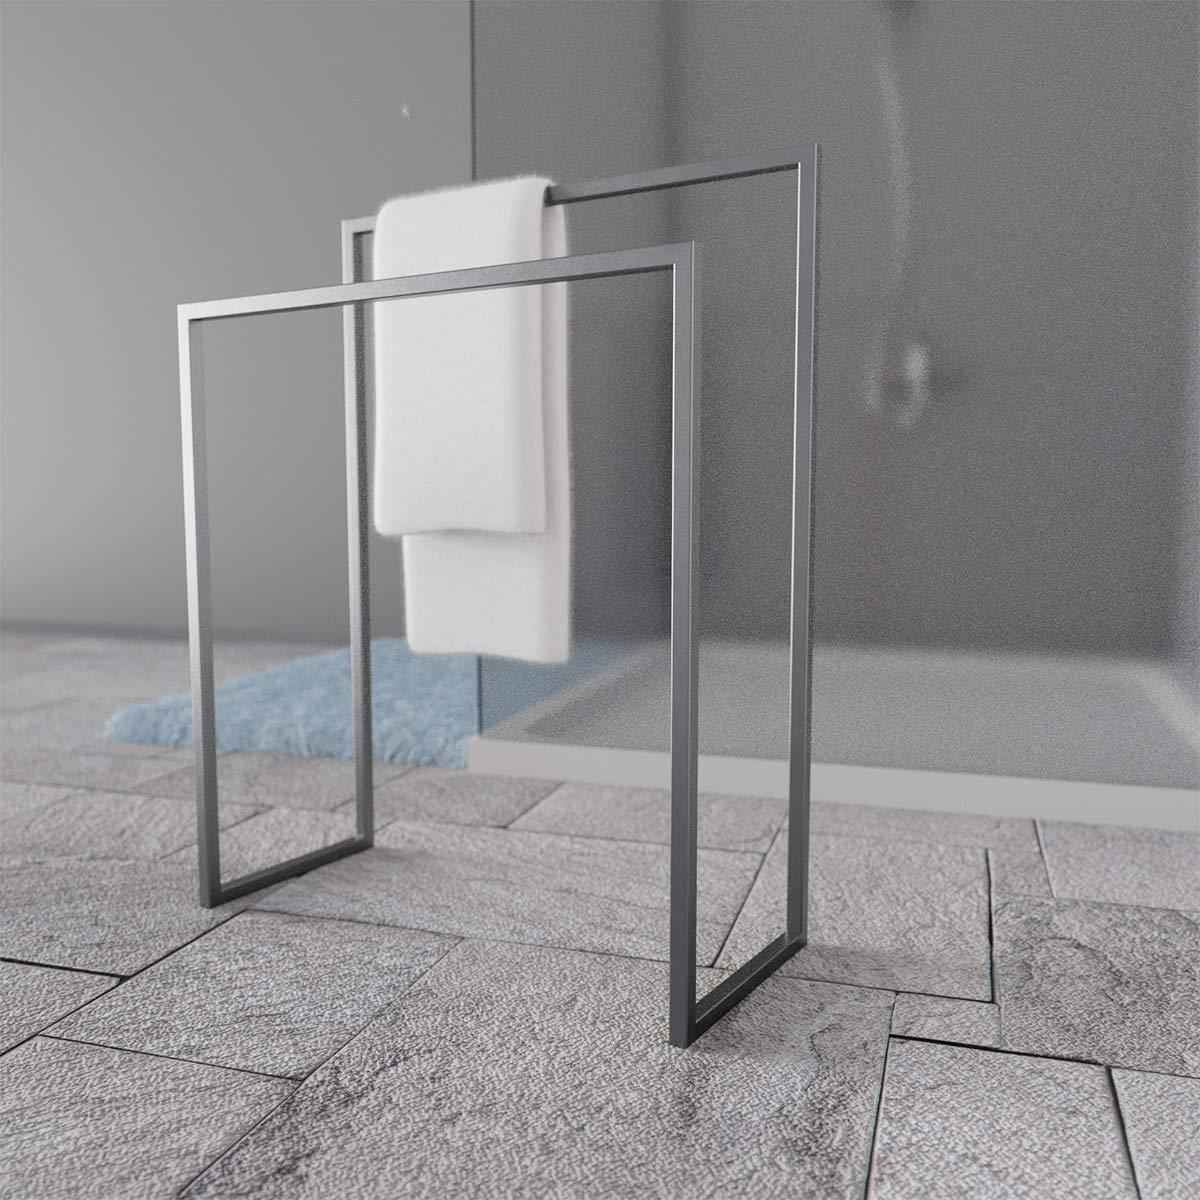 HOLZBRINK Metall Handtuchhalter für Badezimmer Kleiderständer Freistehender Handtuchständer mit 2 2 2 Stangen, Perldunkelgrau, 86x60x30 cm (HxBxT), HLMH-02-86-60-9023 B07PCSVYTX Handtuchstnder bf17cf